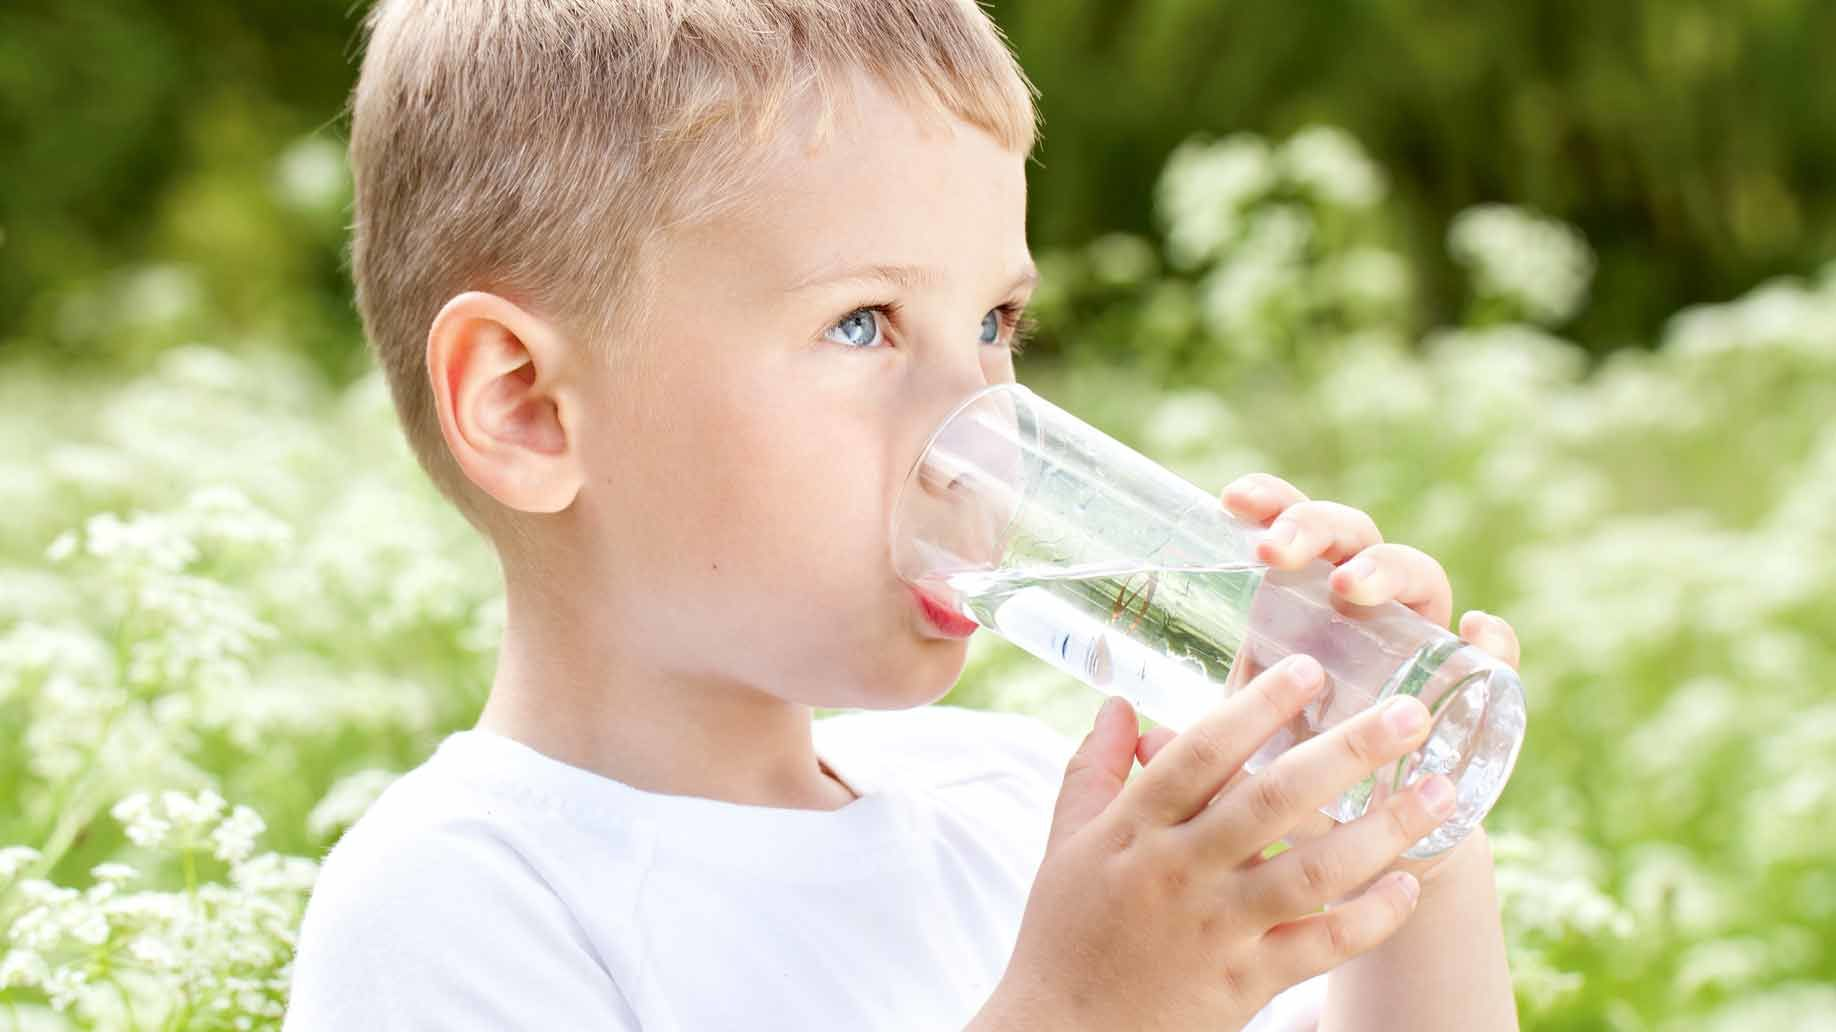 2. Membiasakan anak minum air putih setelah minum susu